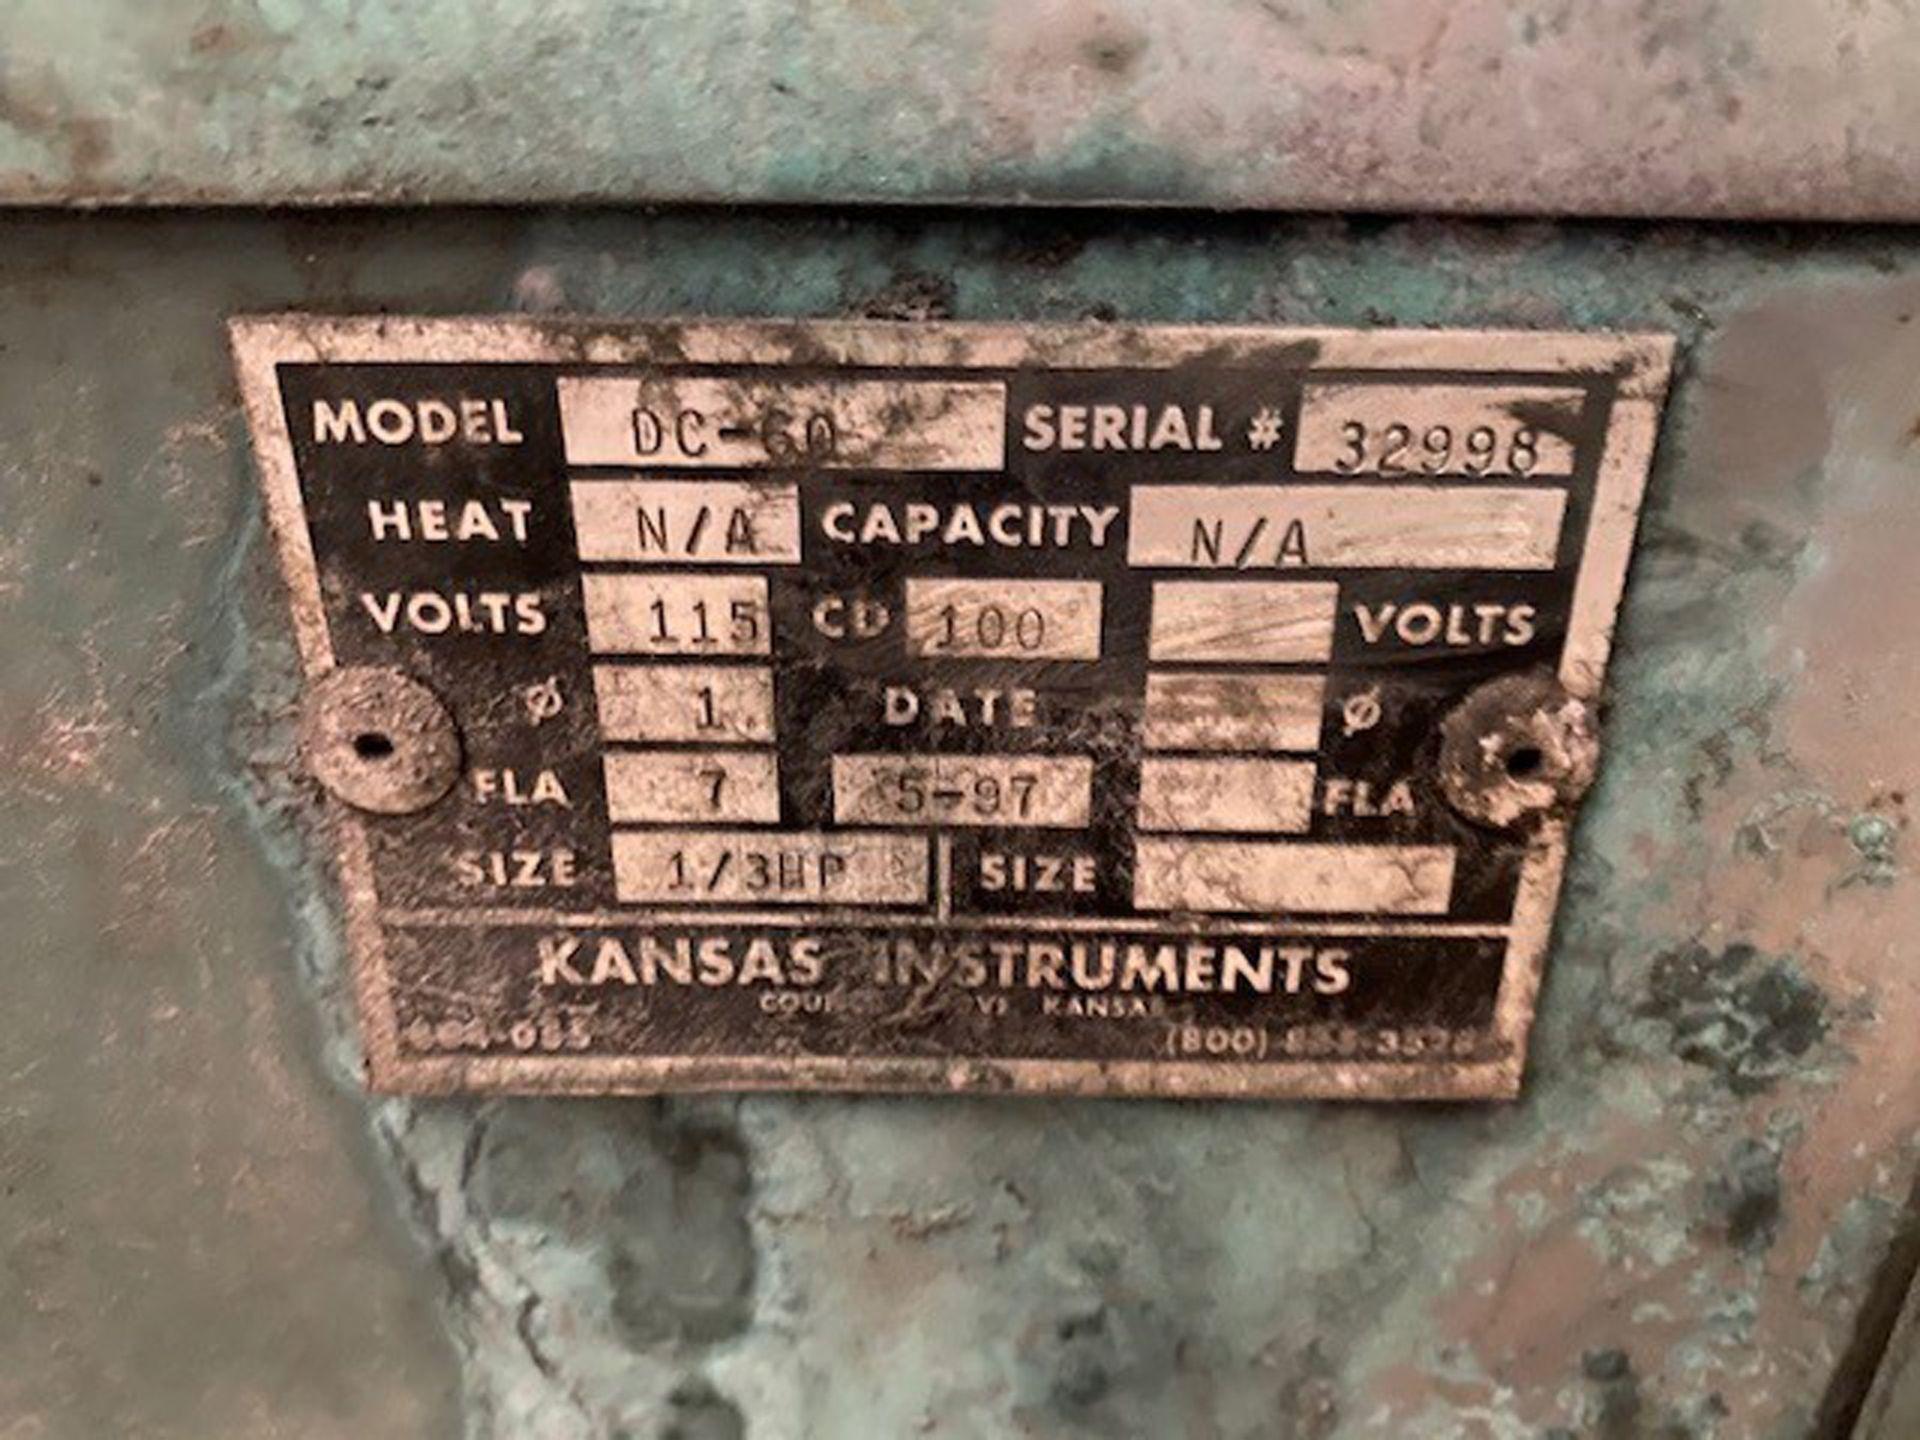 Kansas Instruments Model AB-502B Bake / Blast / Tumble Machine - Image 12 of 12